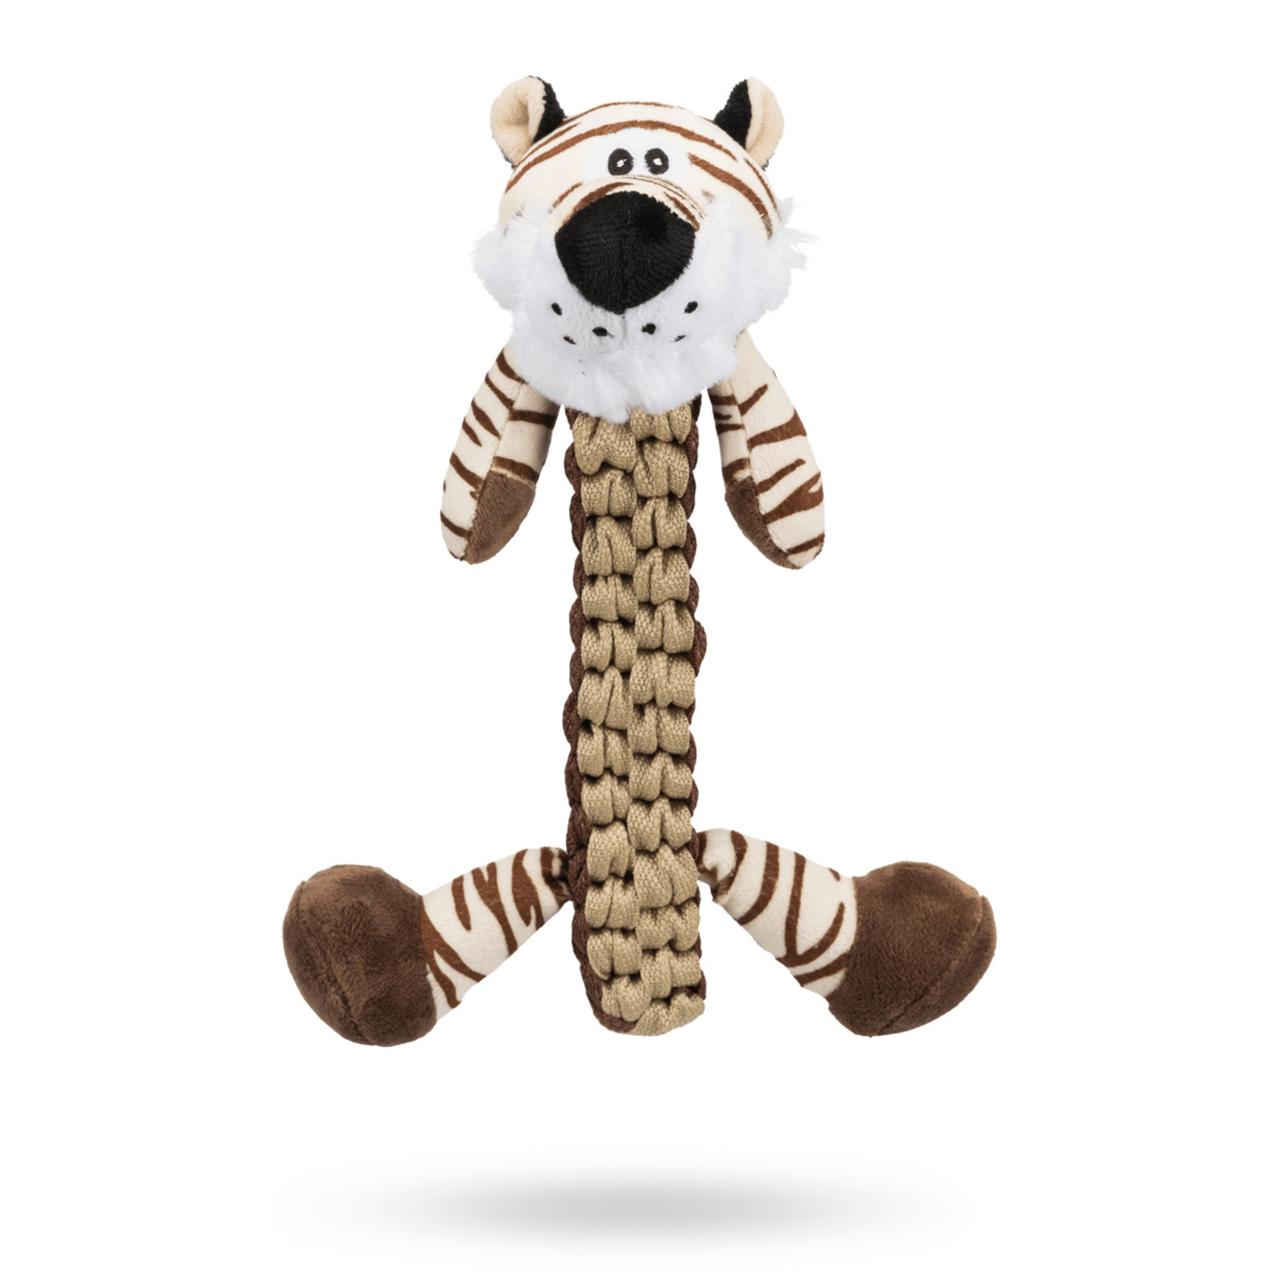 Tiger - Flätad Hundleksak Med pip